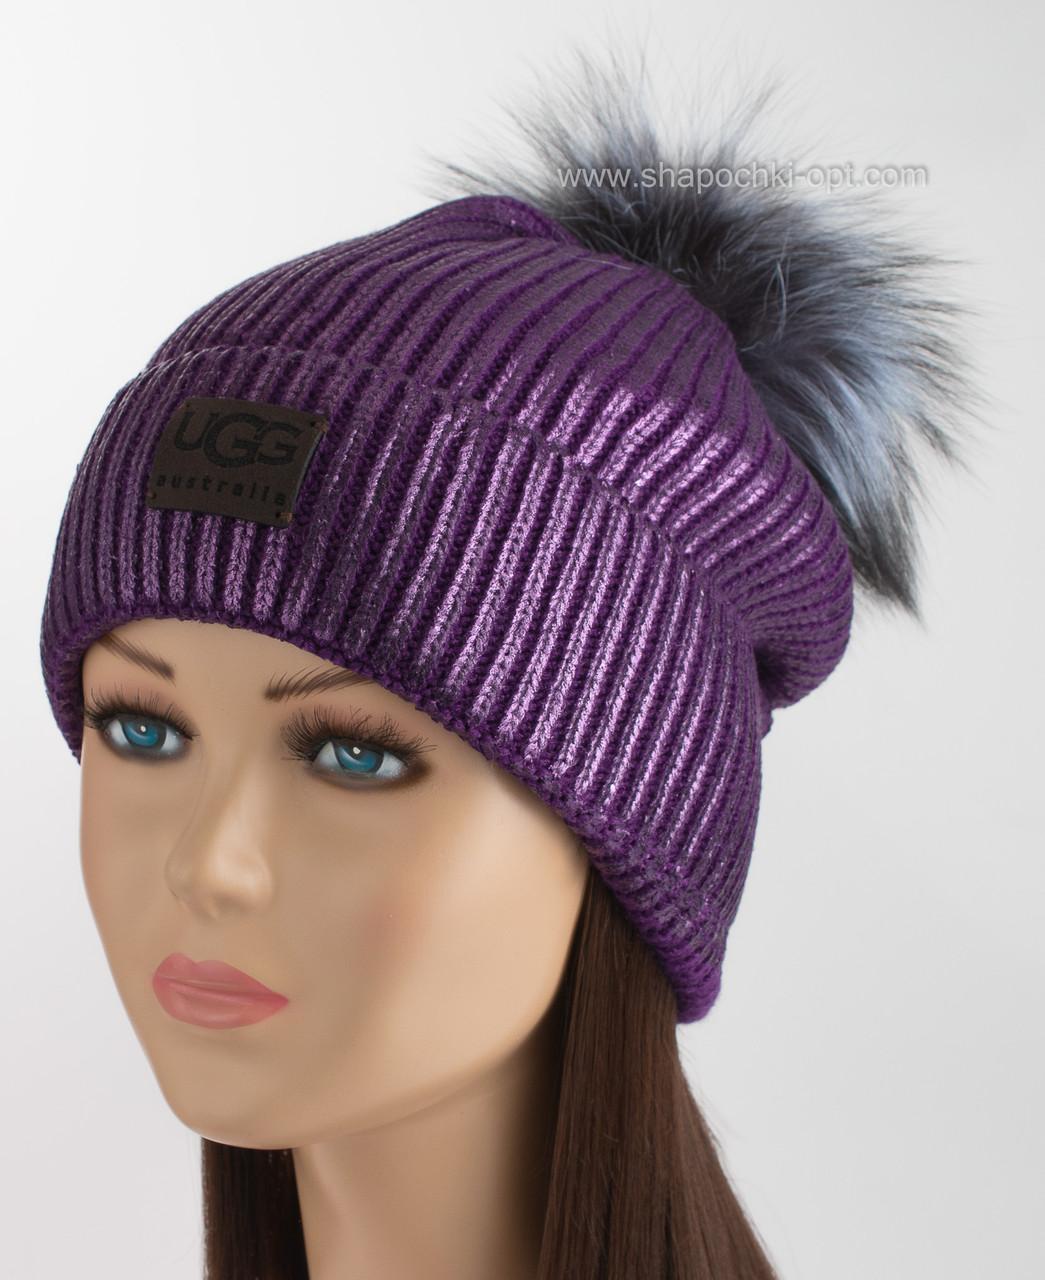 вязаная шапка с помпоном из чернобурки Ugg фиолетовая продажа цена